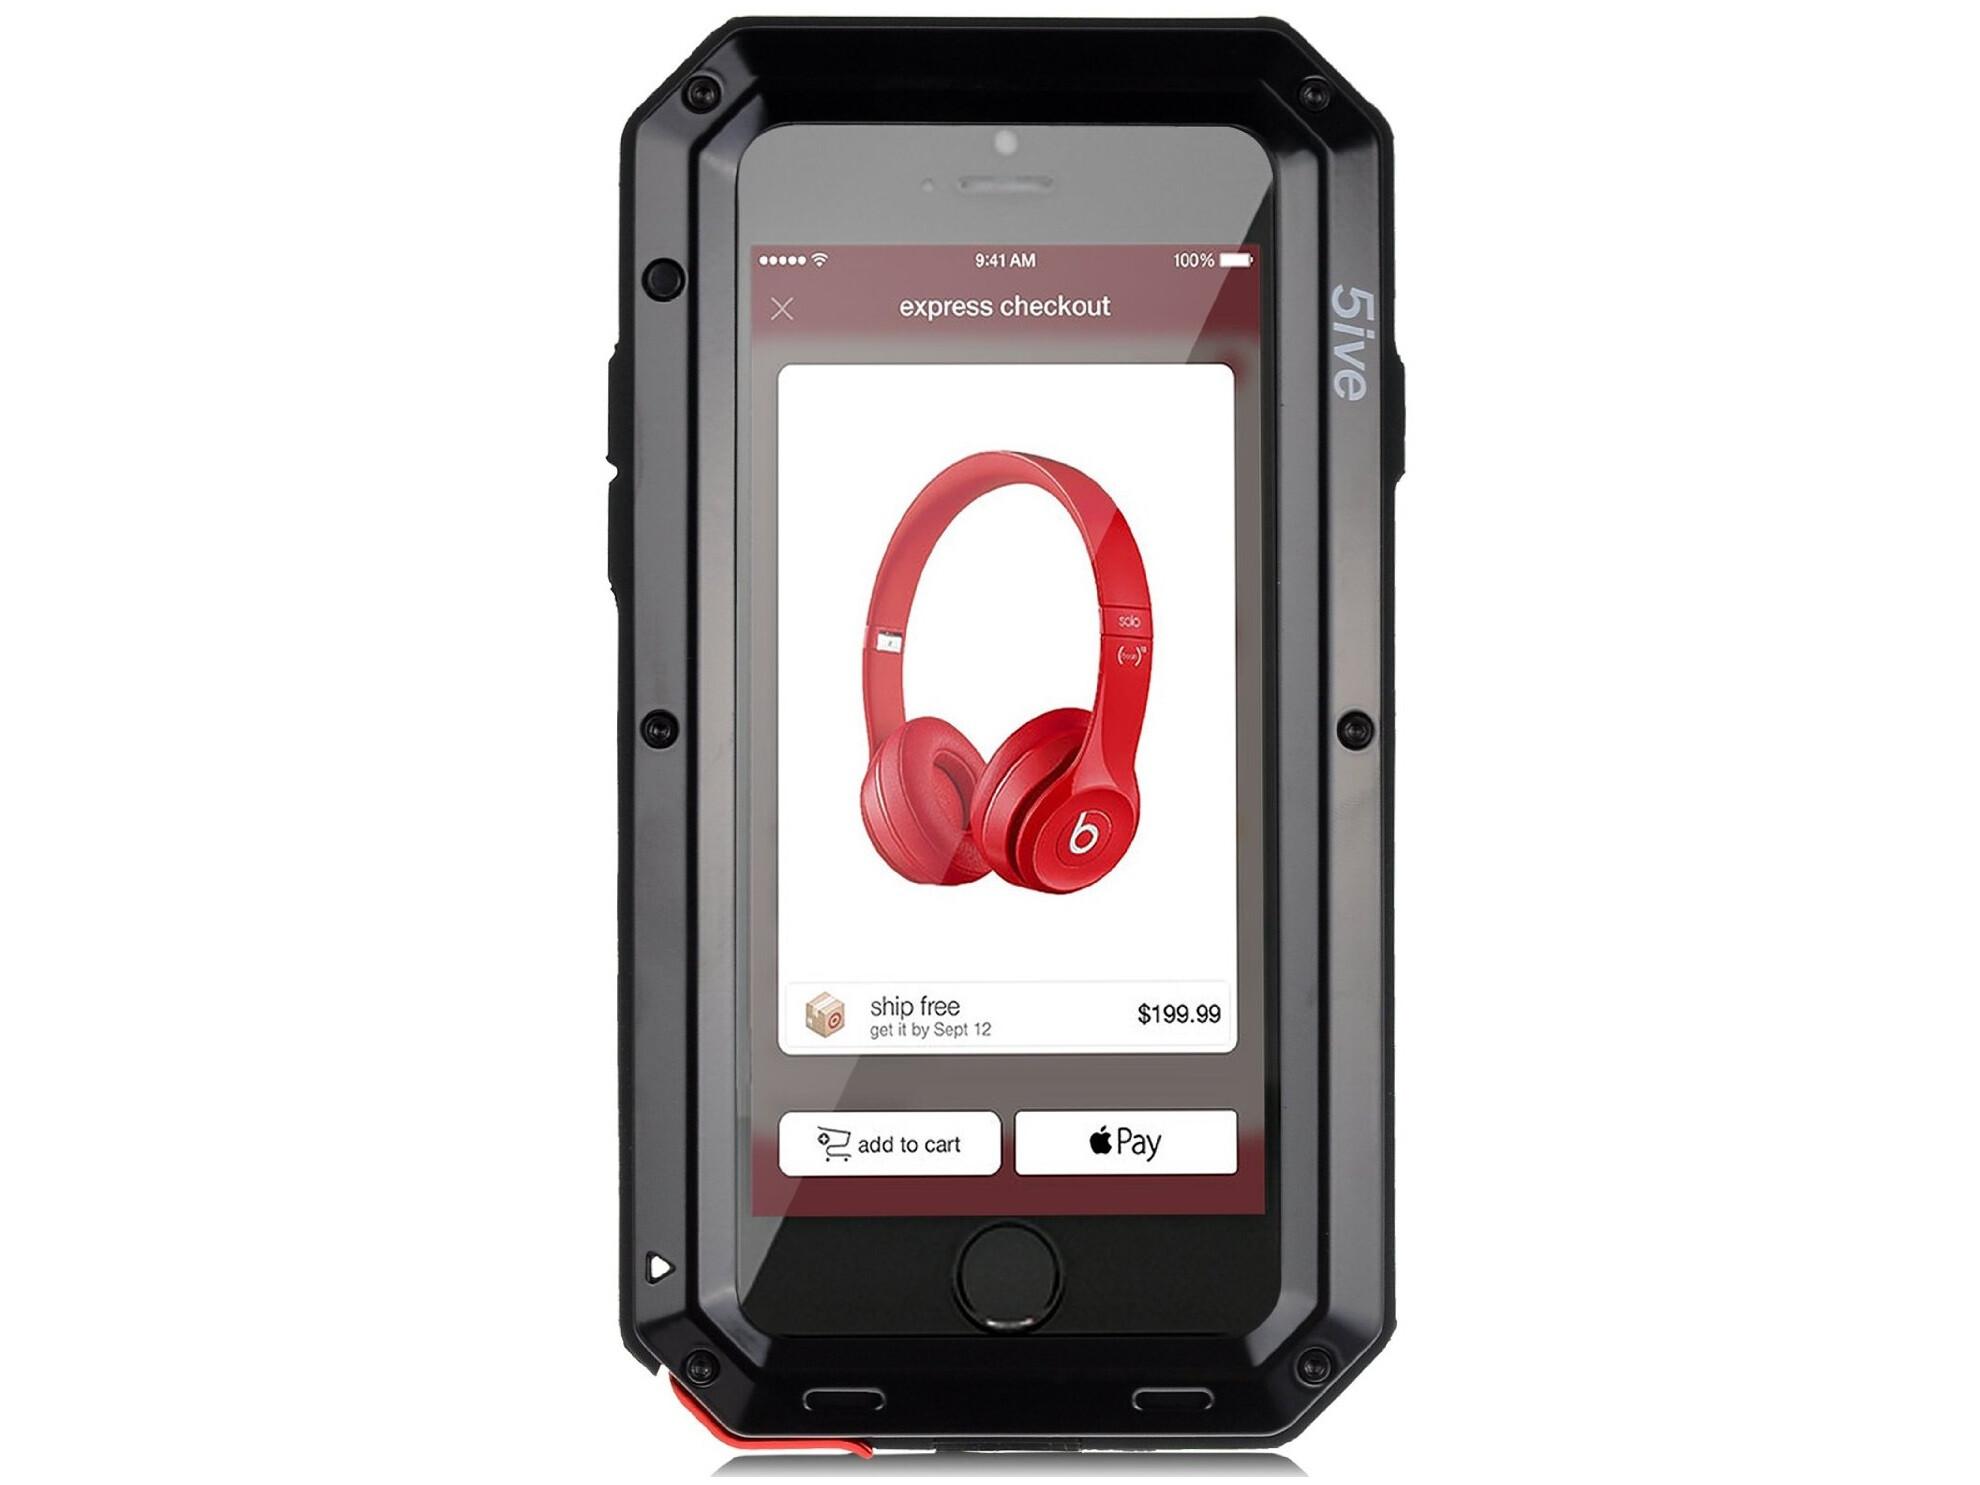 Wetsuit iPhone 6 Plus waterproof rugged case